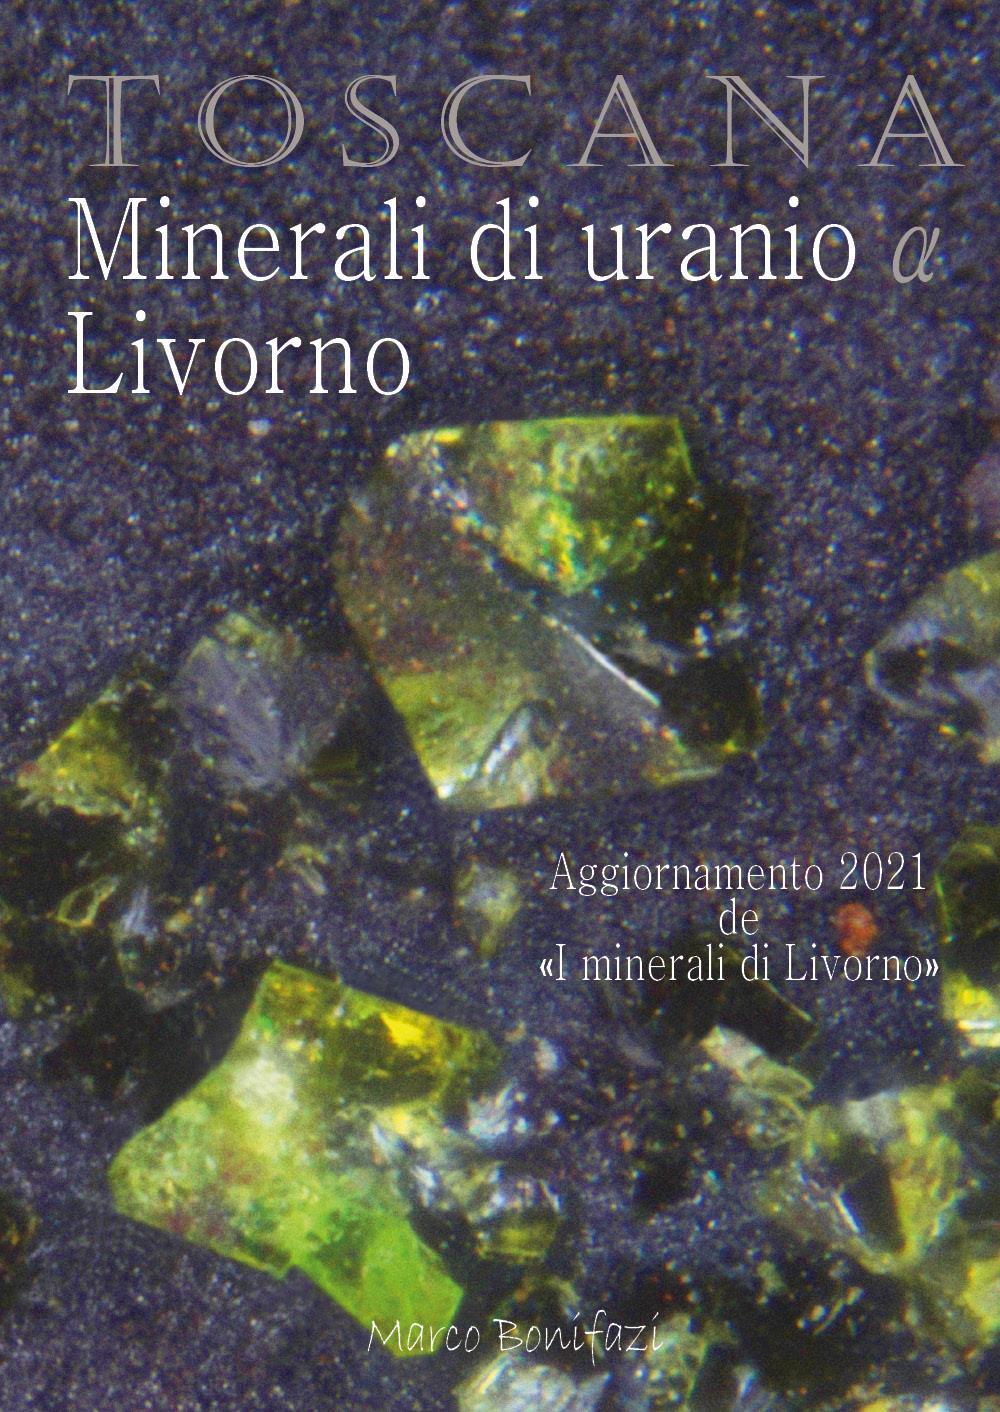 TOSCANA Minerali di uranio a Livorno